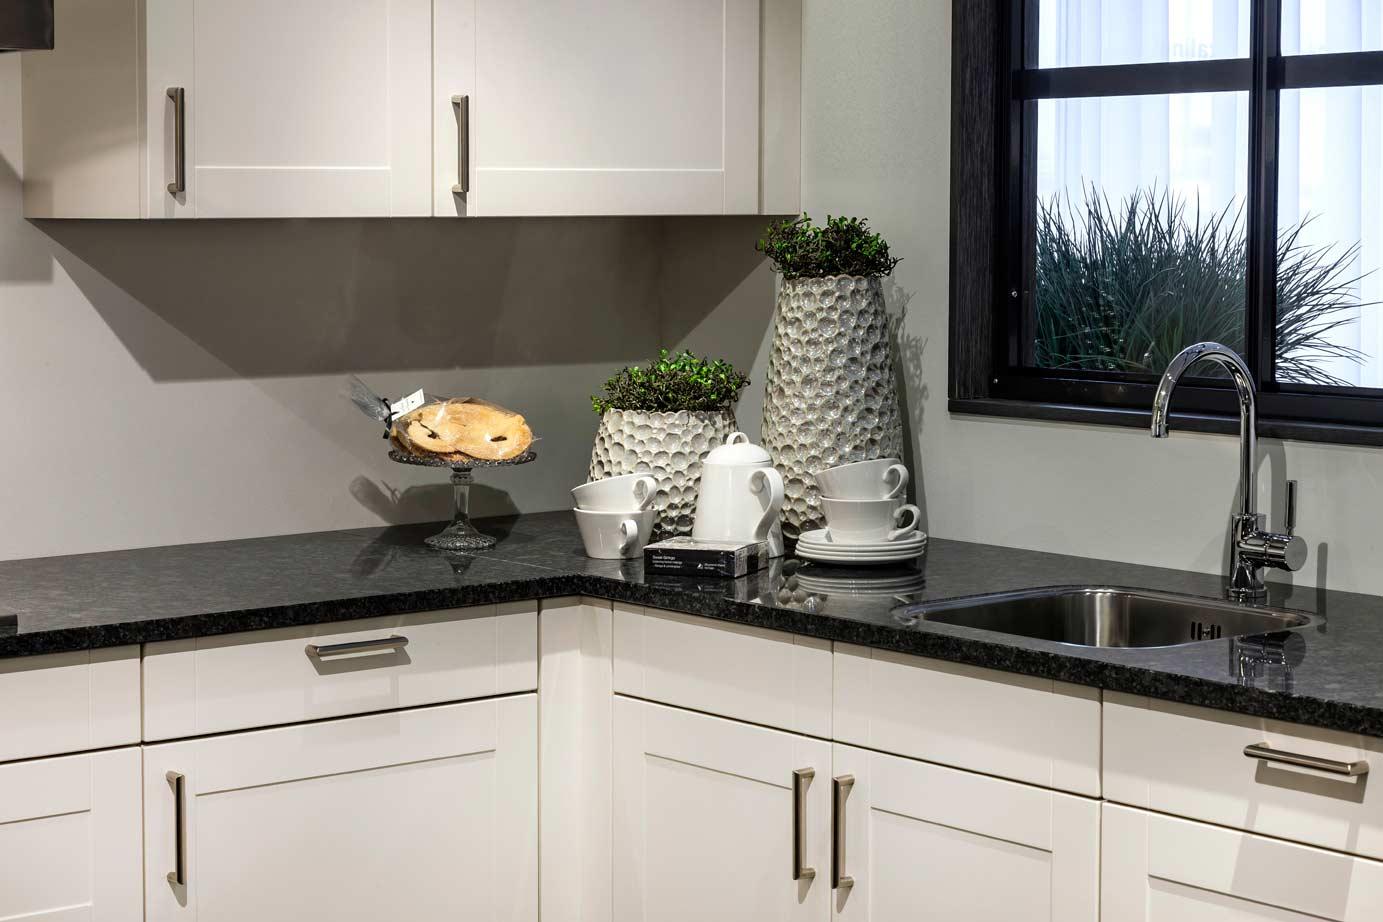 Keuken Hoogglans Wit Met Hout : Witte Keuken Met Houten Werkblad: Witte keuken zwarte of een gekleurde